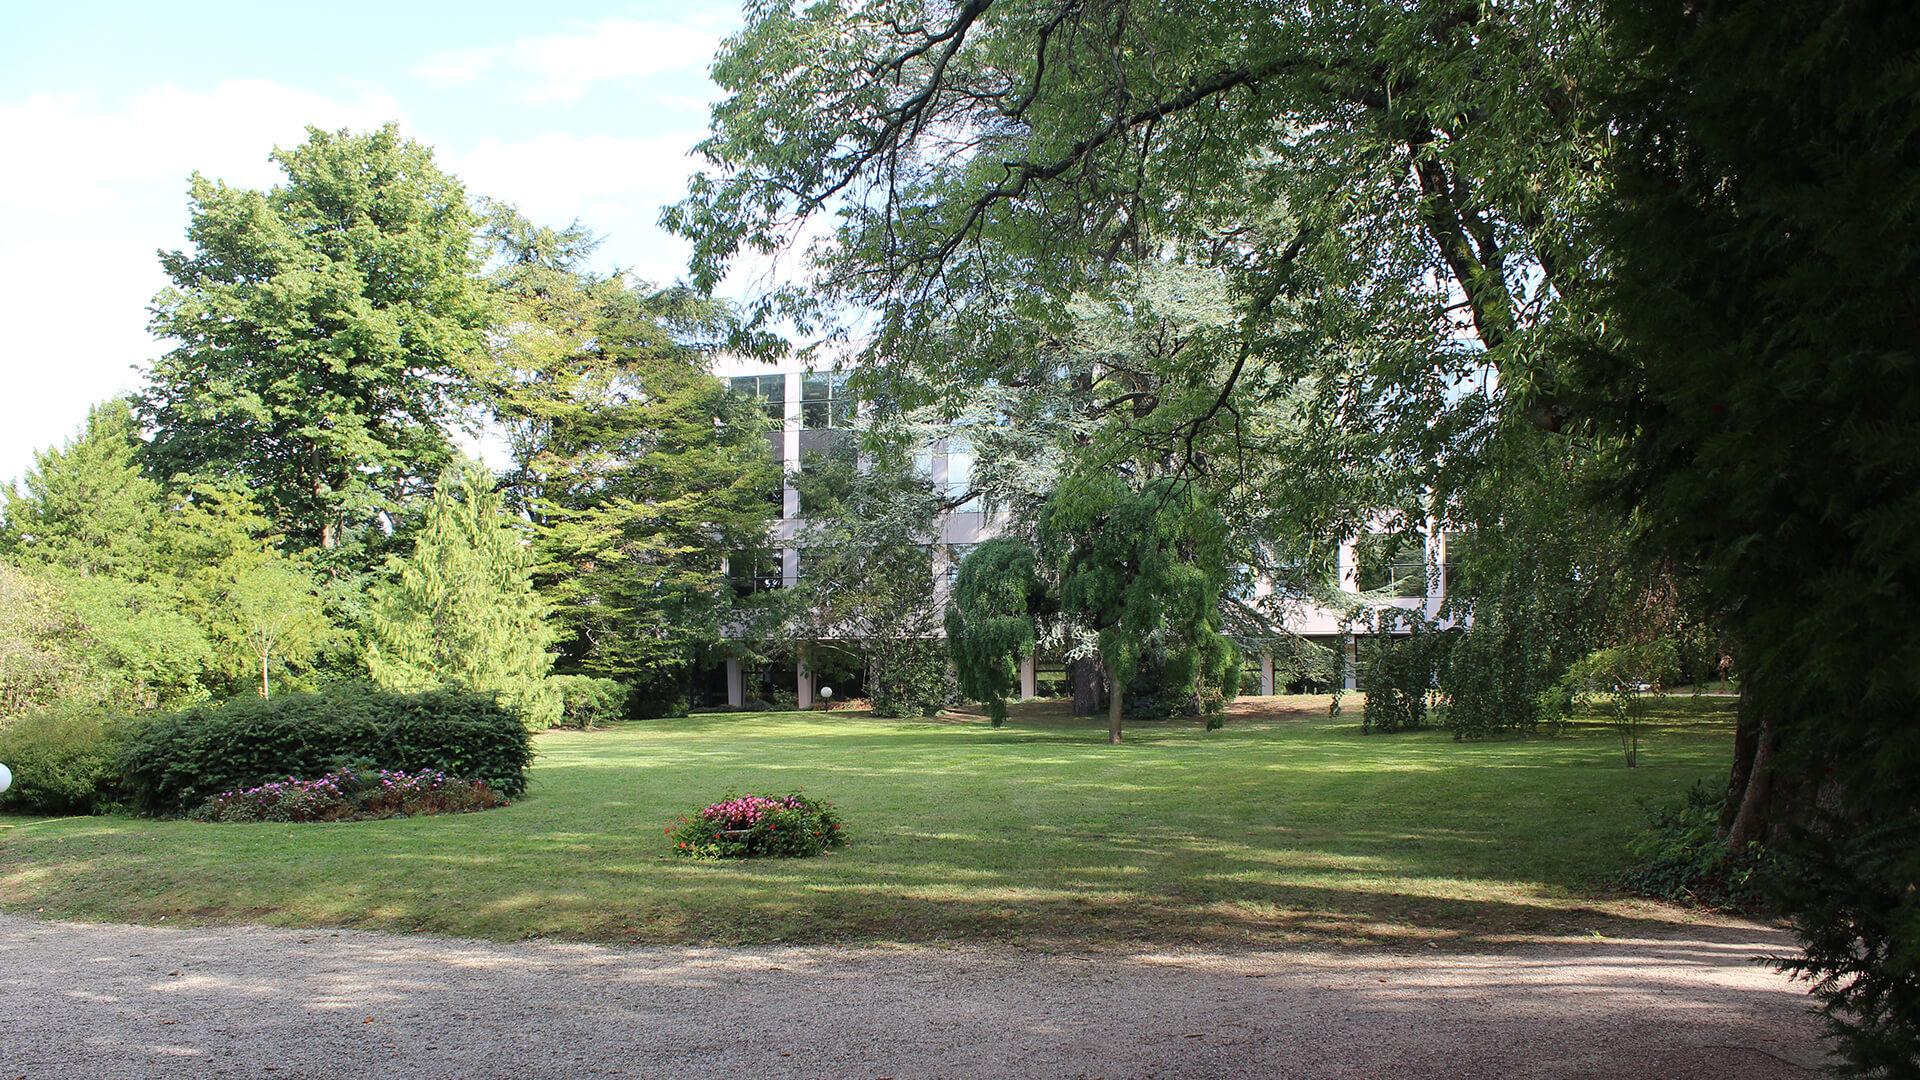 Entretien de parcs et jardins, Suivi annuel